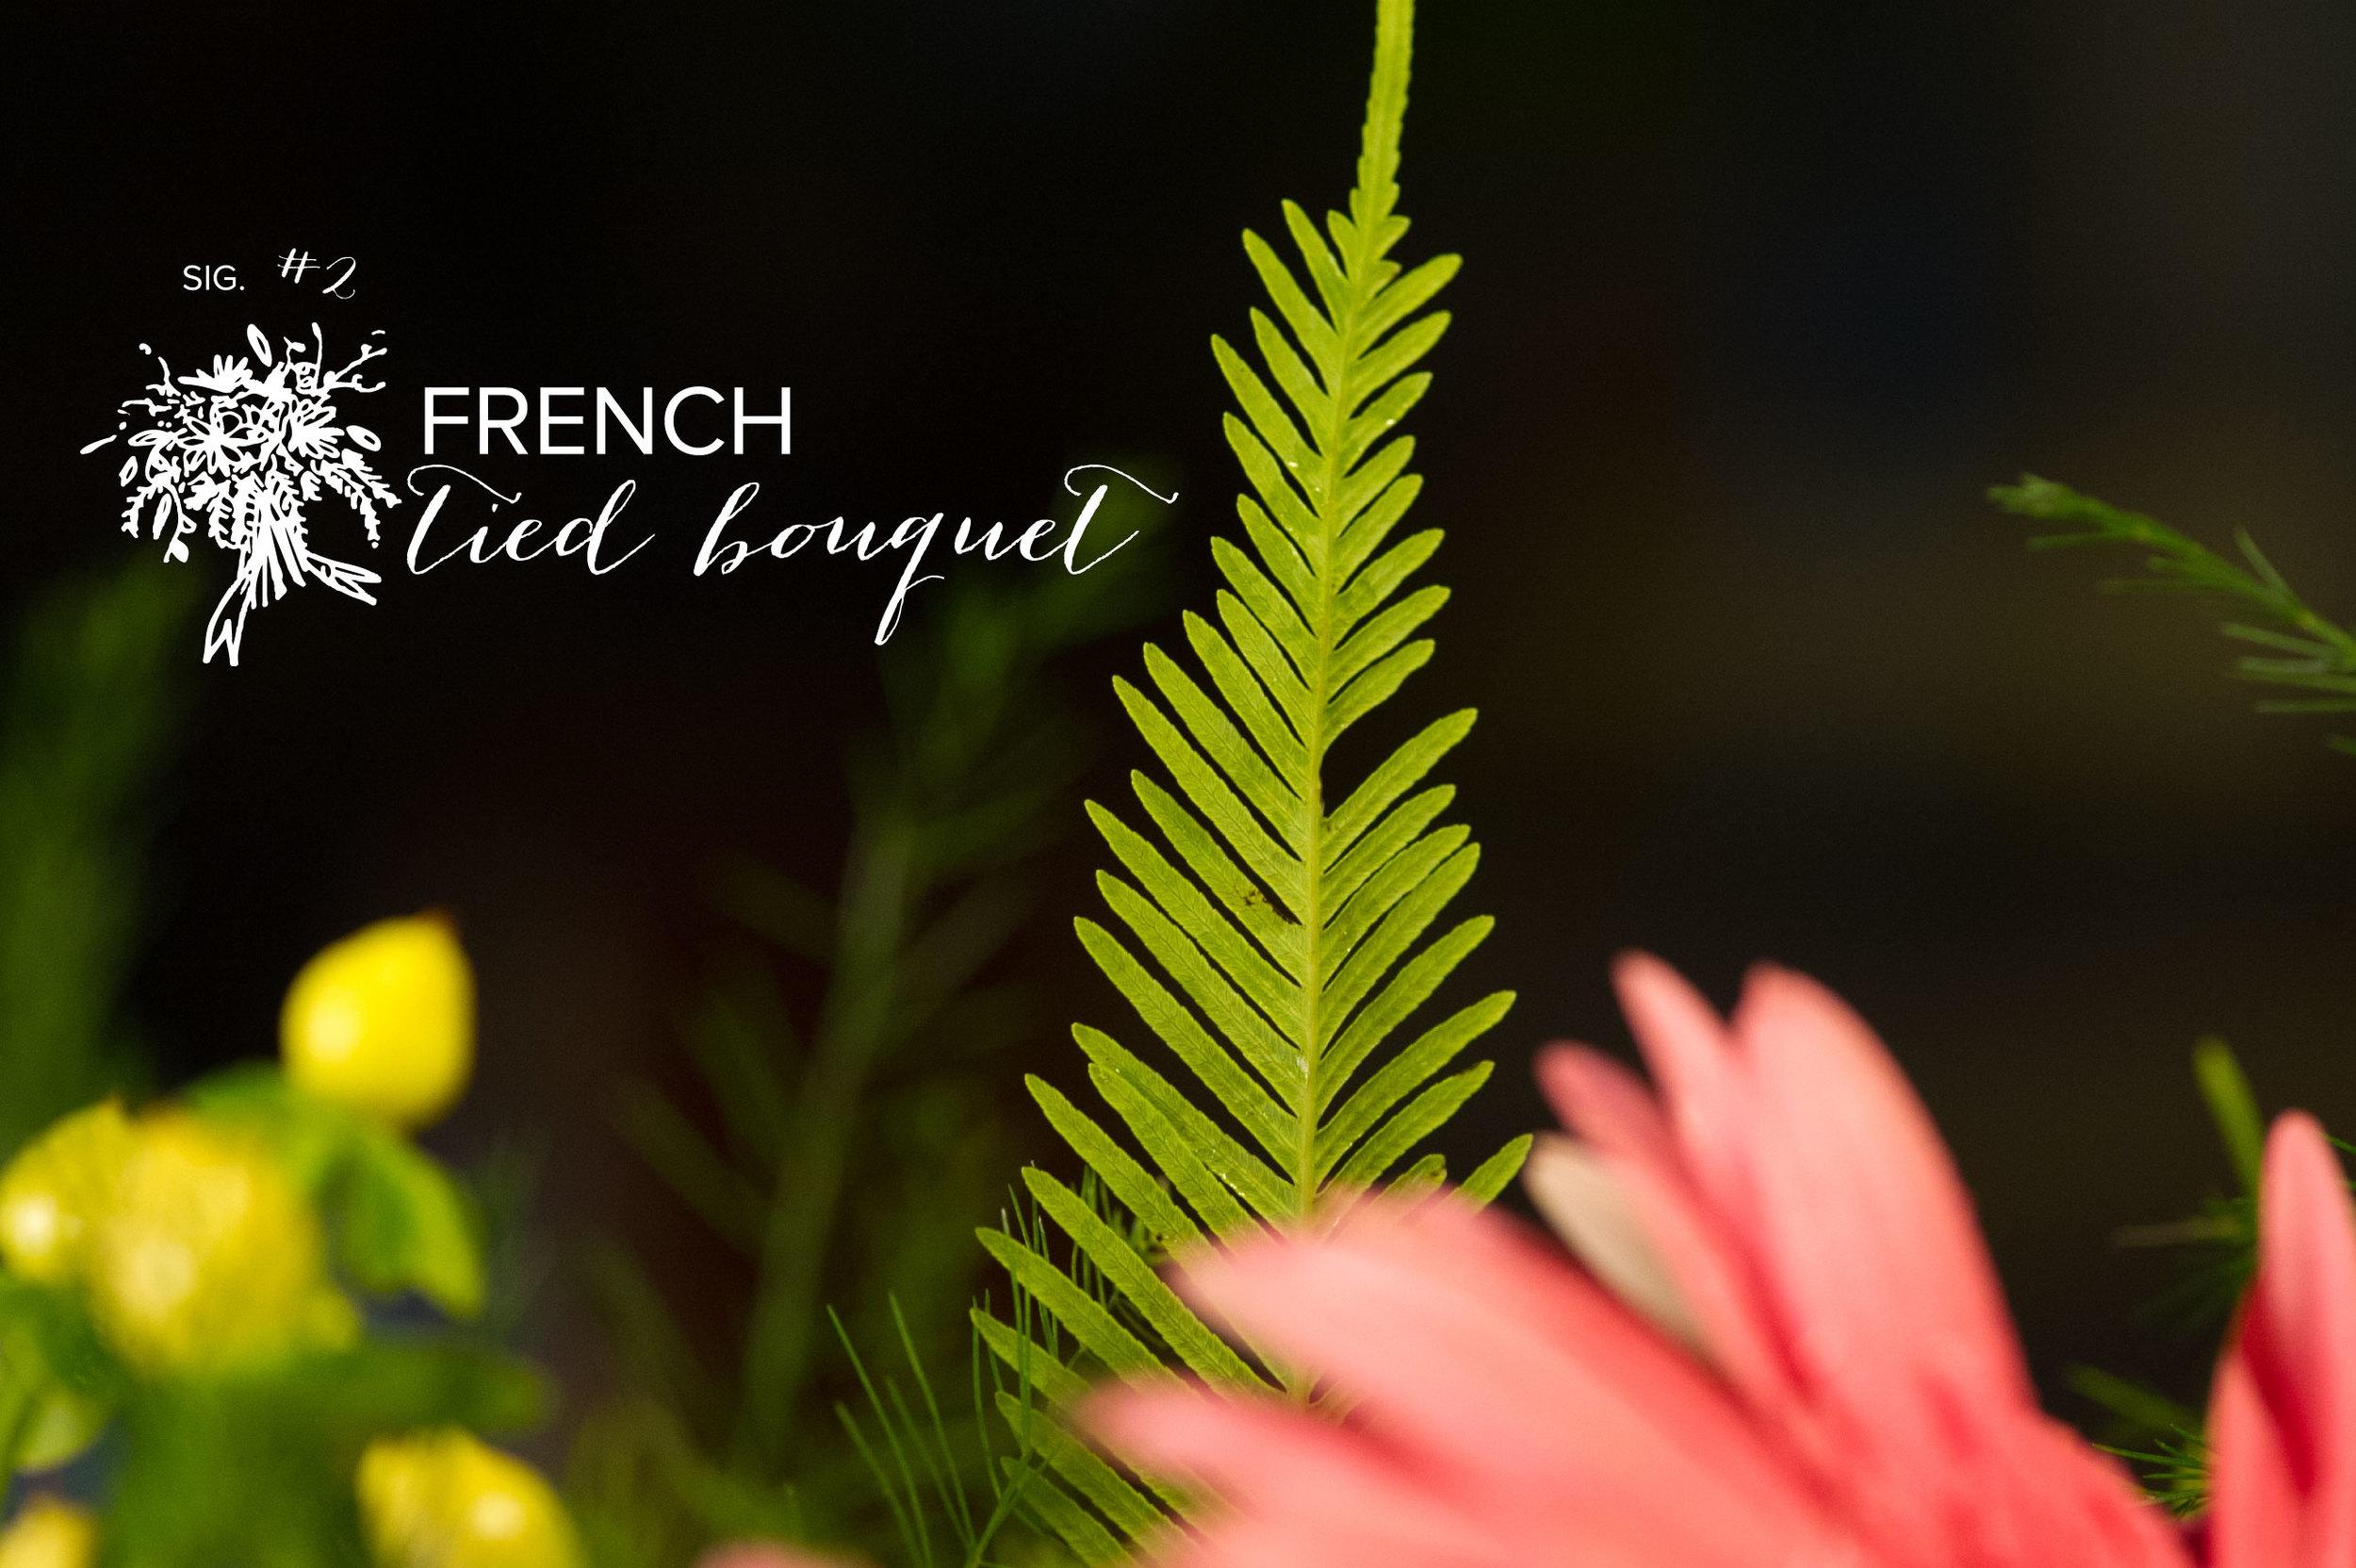 sig2_bouquet.jpg